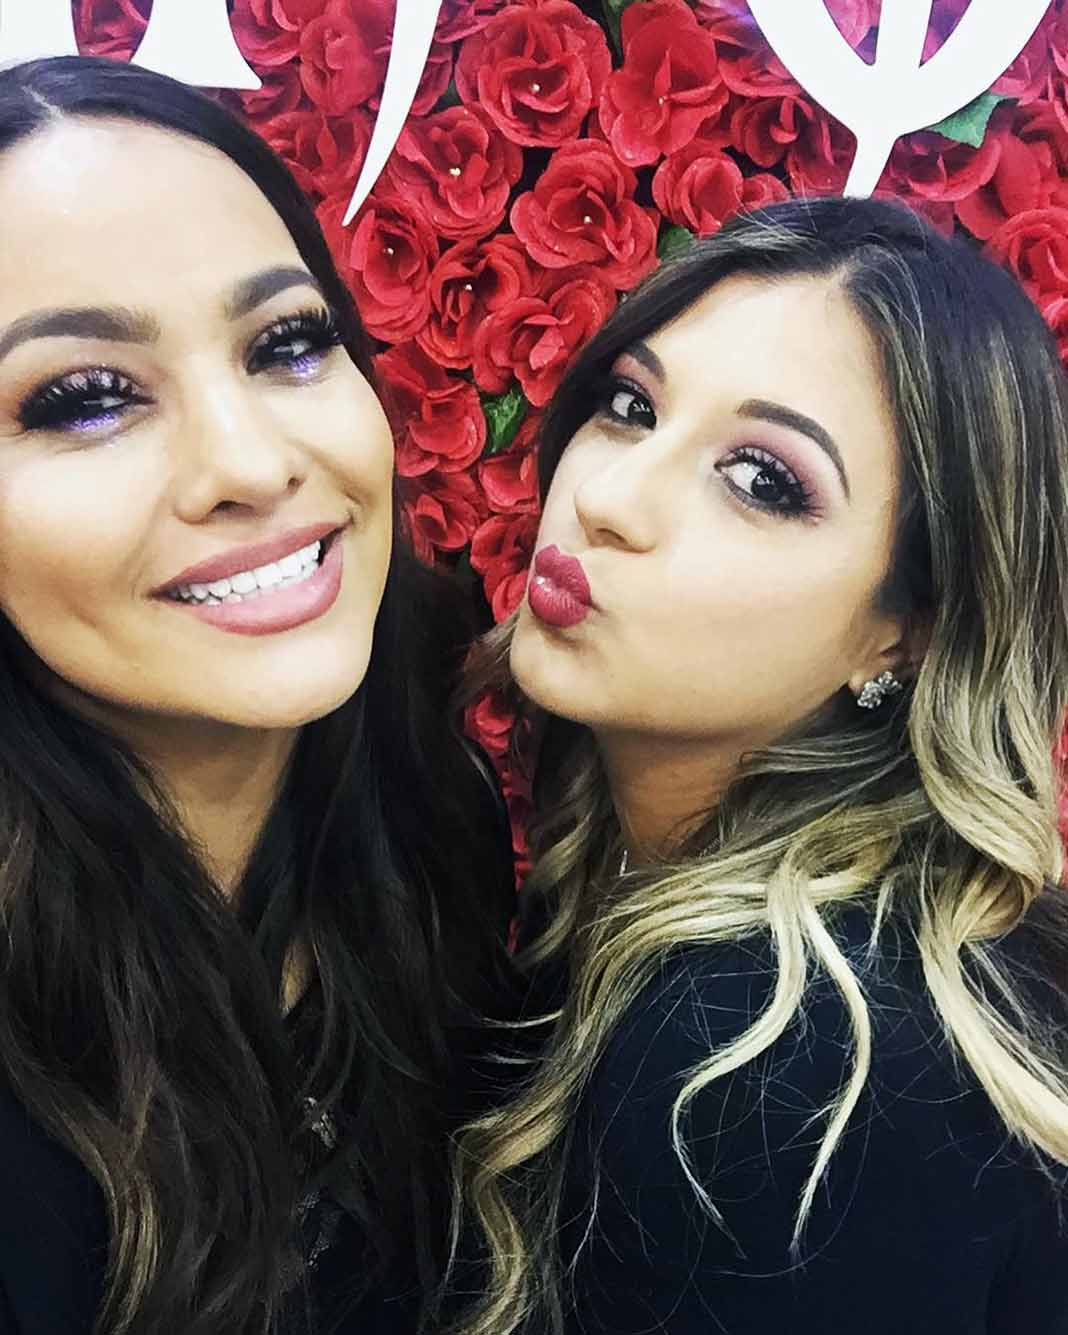 En junio del año pasado, así posó con su amiga Mayeli en el lanzamiento de su línea de cosméticos